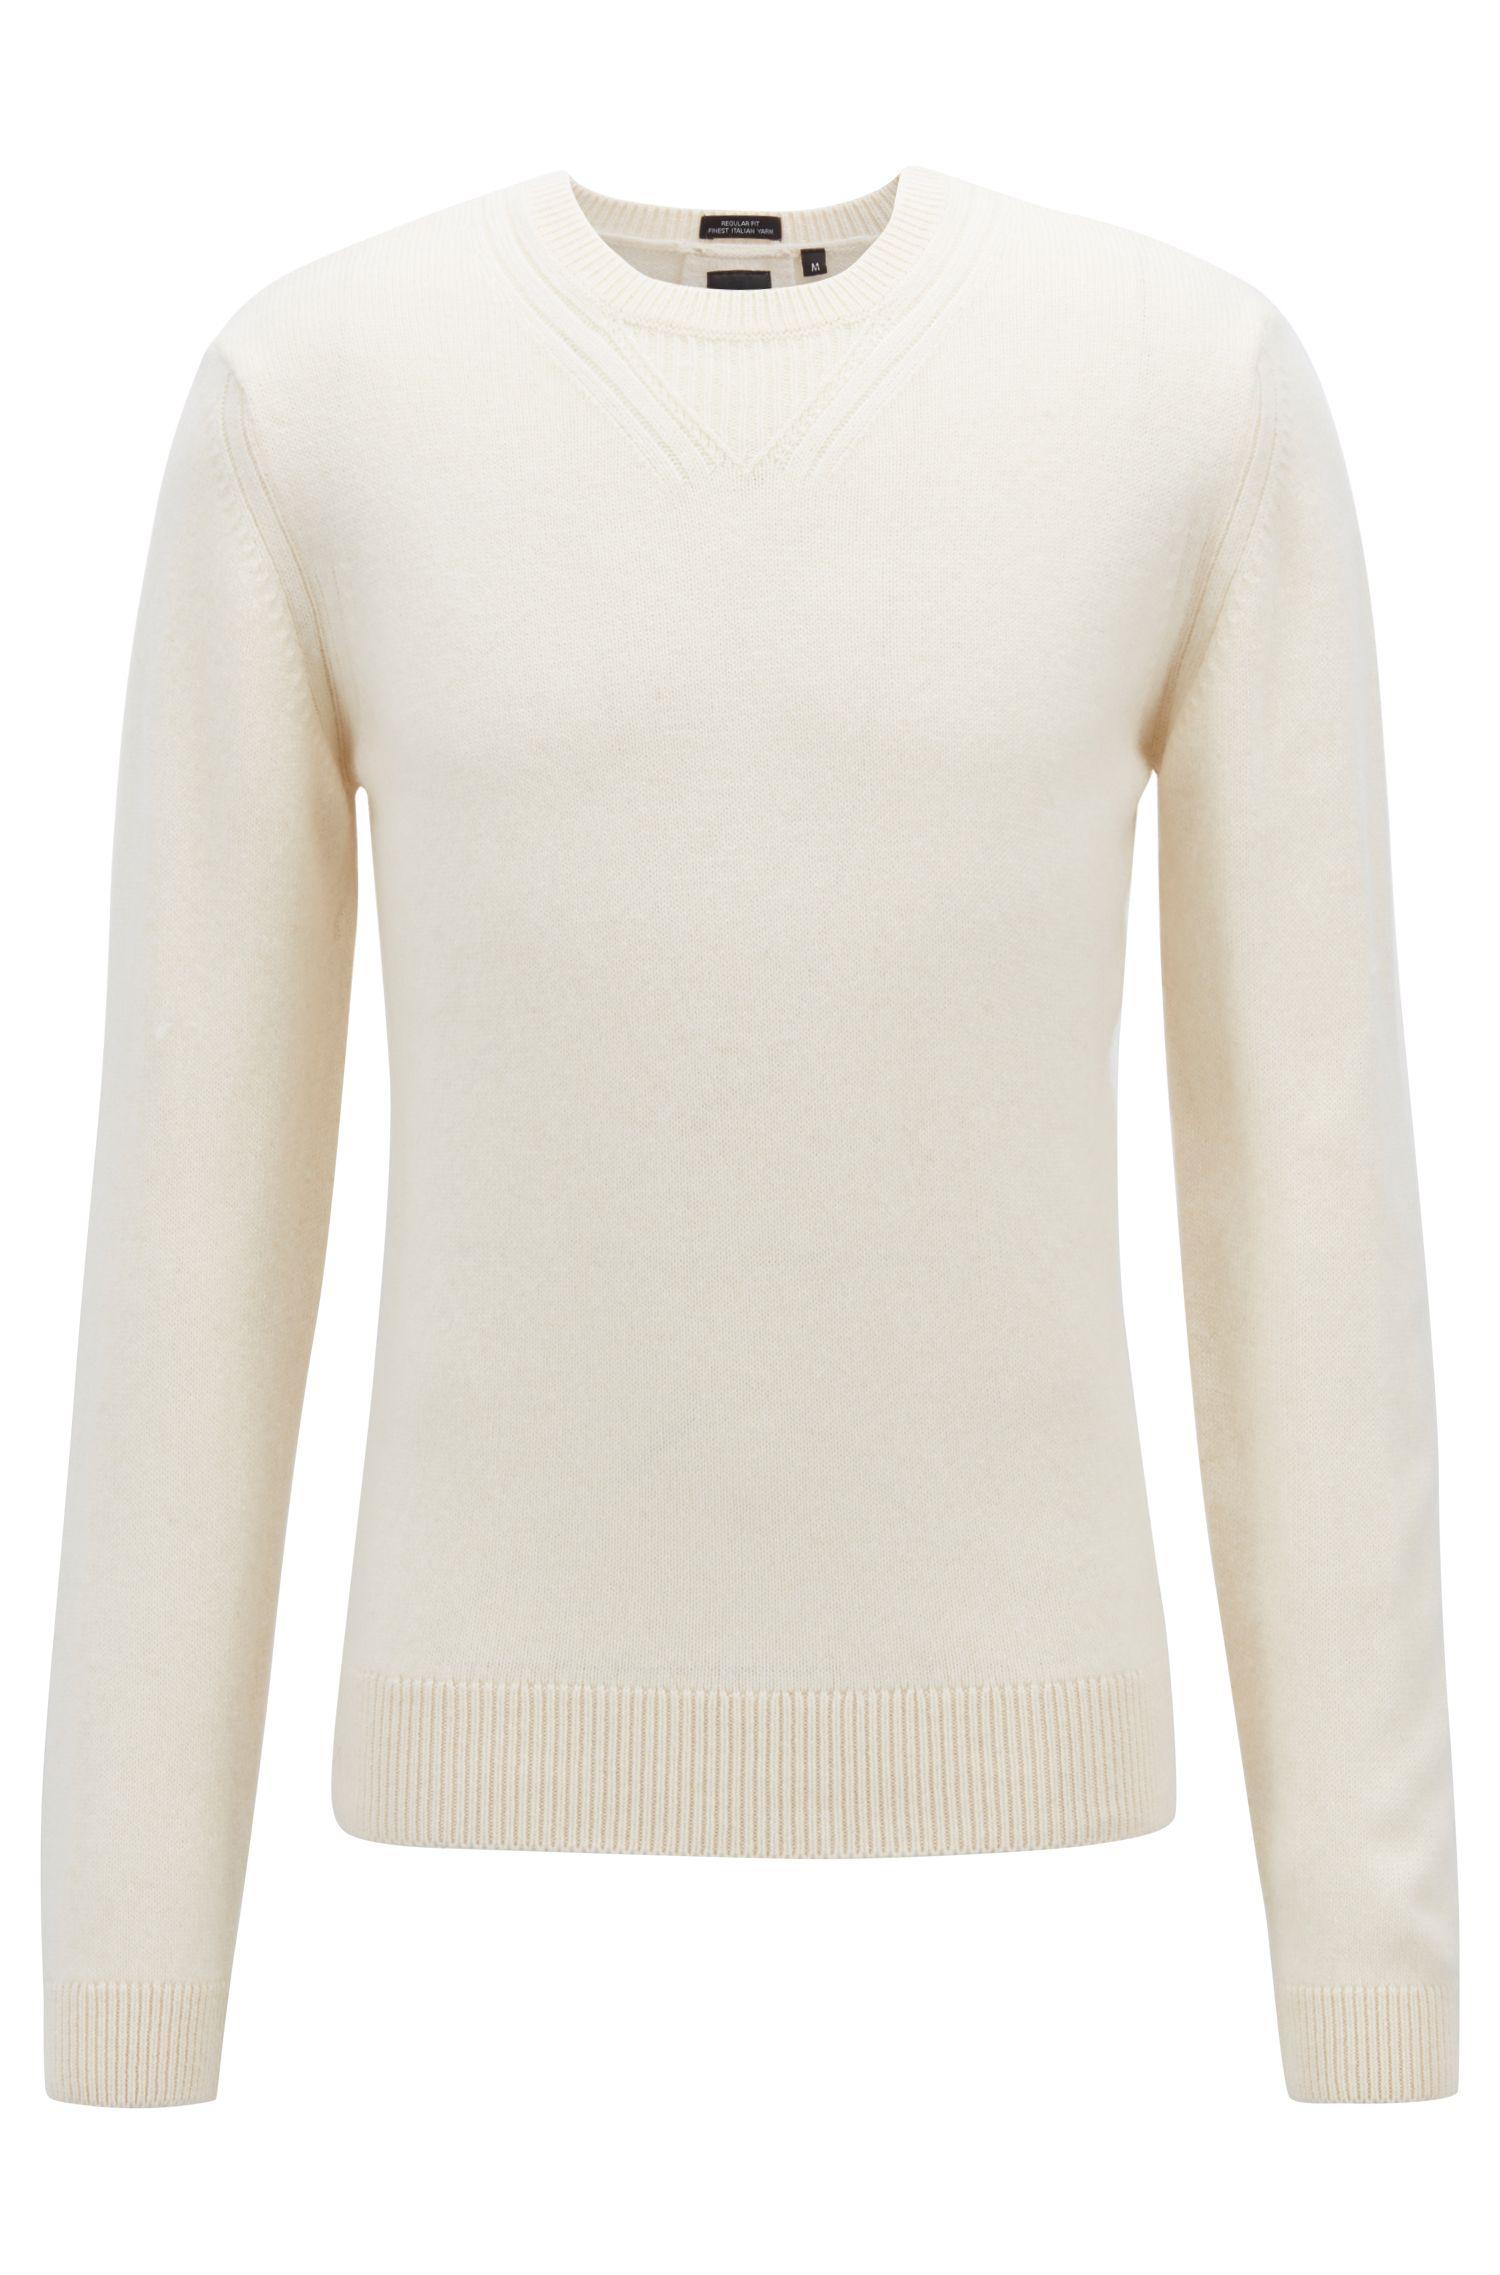 Pull à col ras-du-cou en jersey simple de laine mélangée, Chair